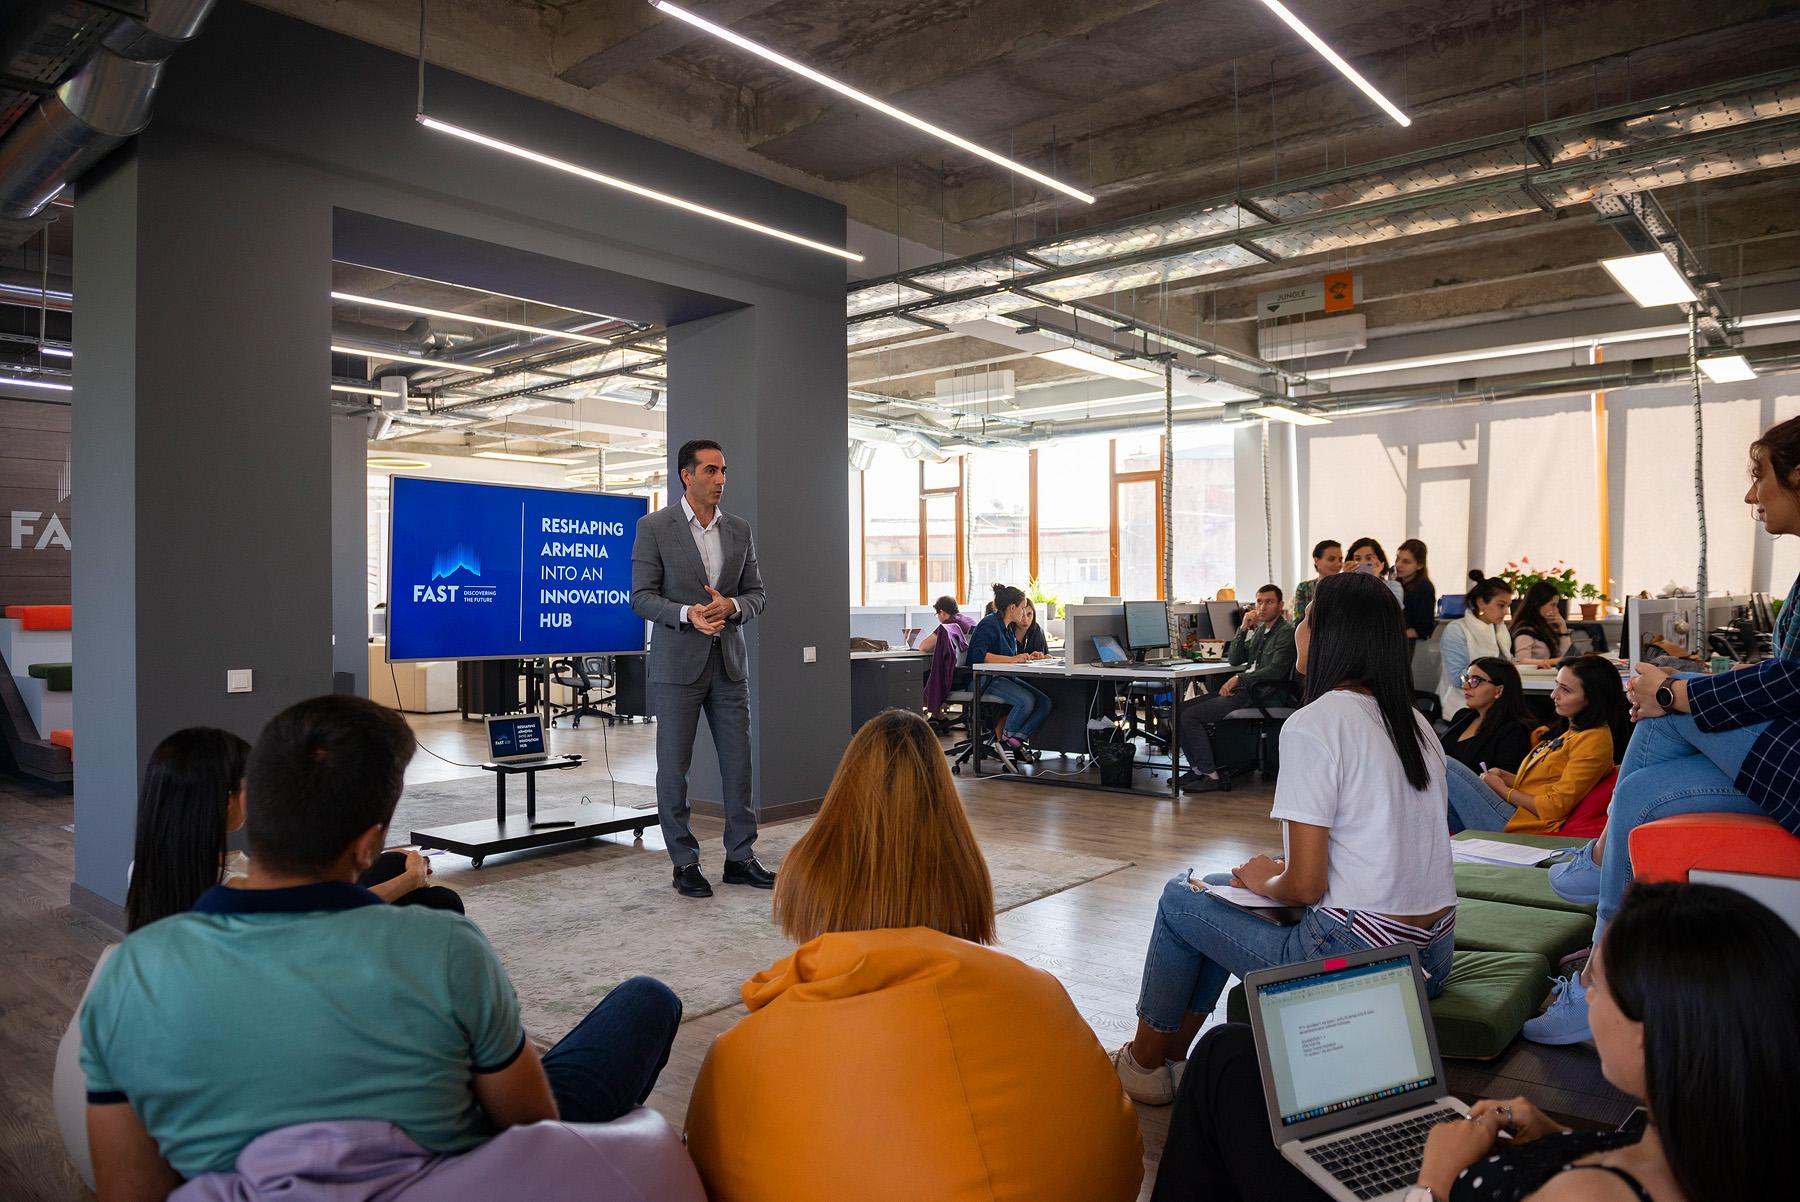 FAST-ը ԶԼՄ ներկայացուցիչների համար անցկացրեց «Հայաստանի նորարարական  էկոհամակարգը» թեմայով դասընթաց